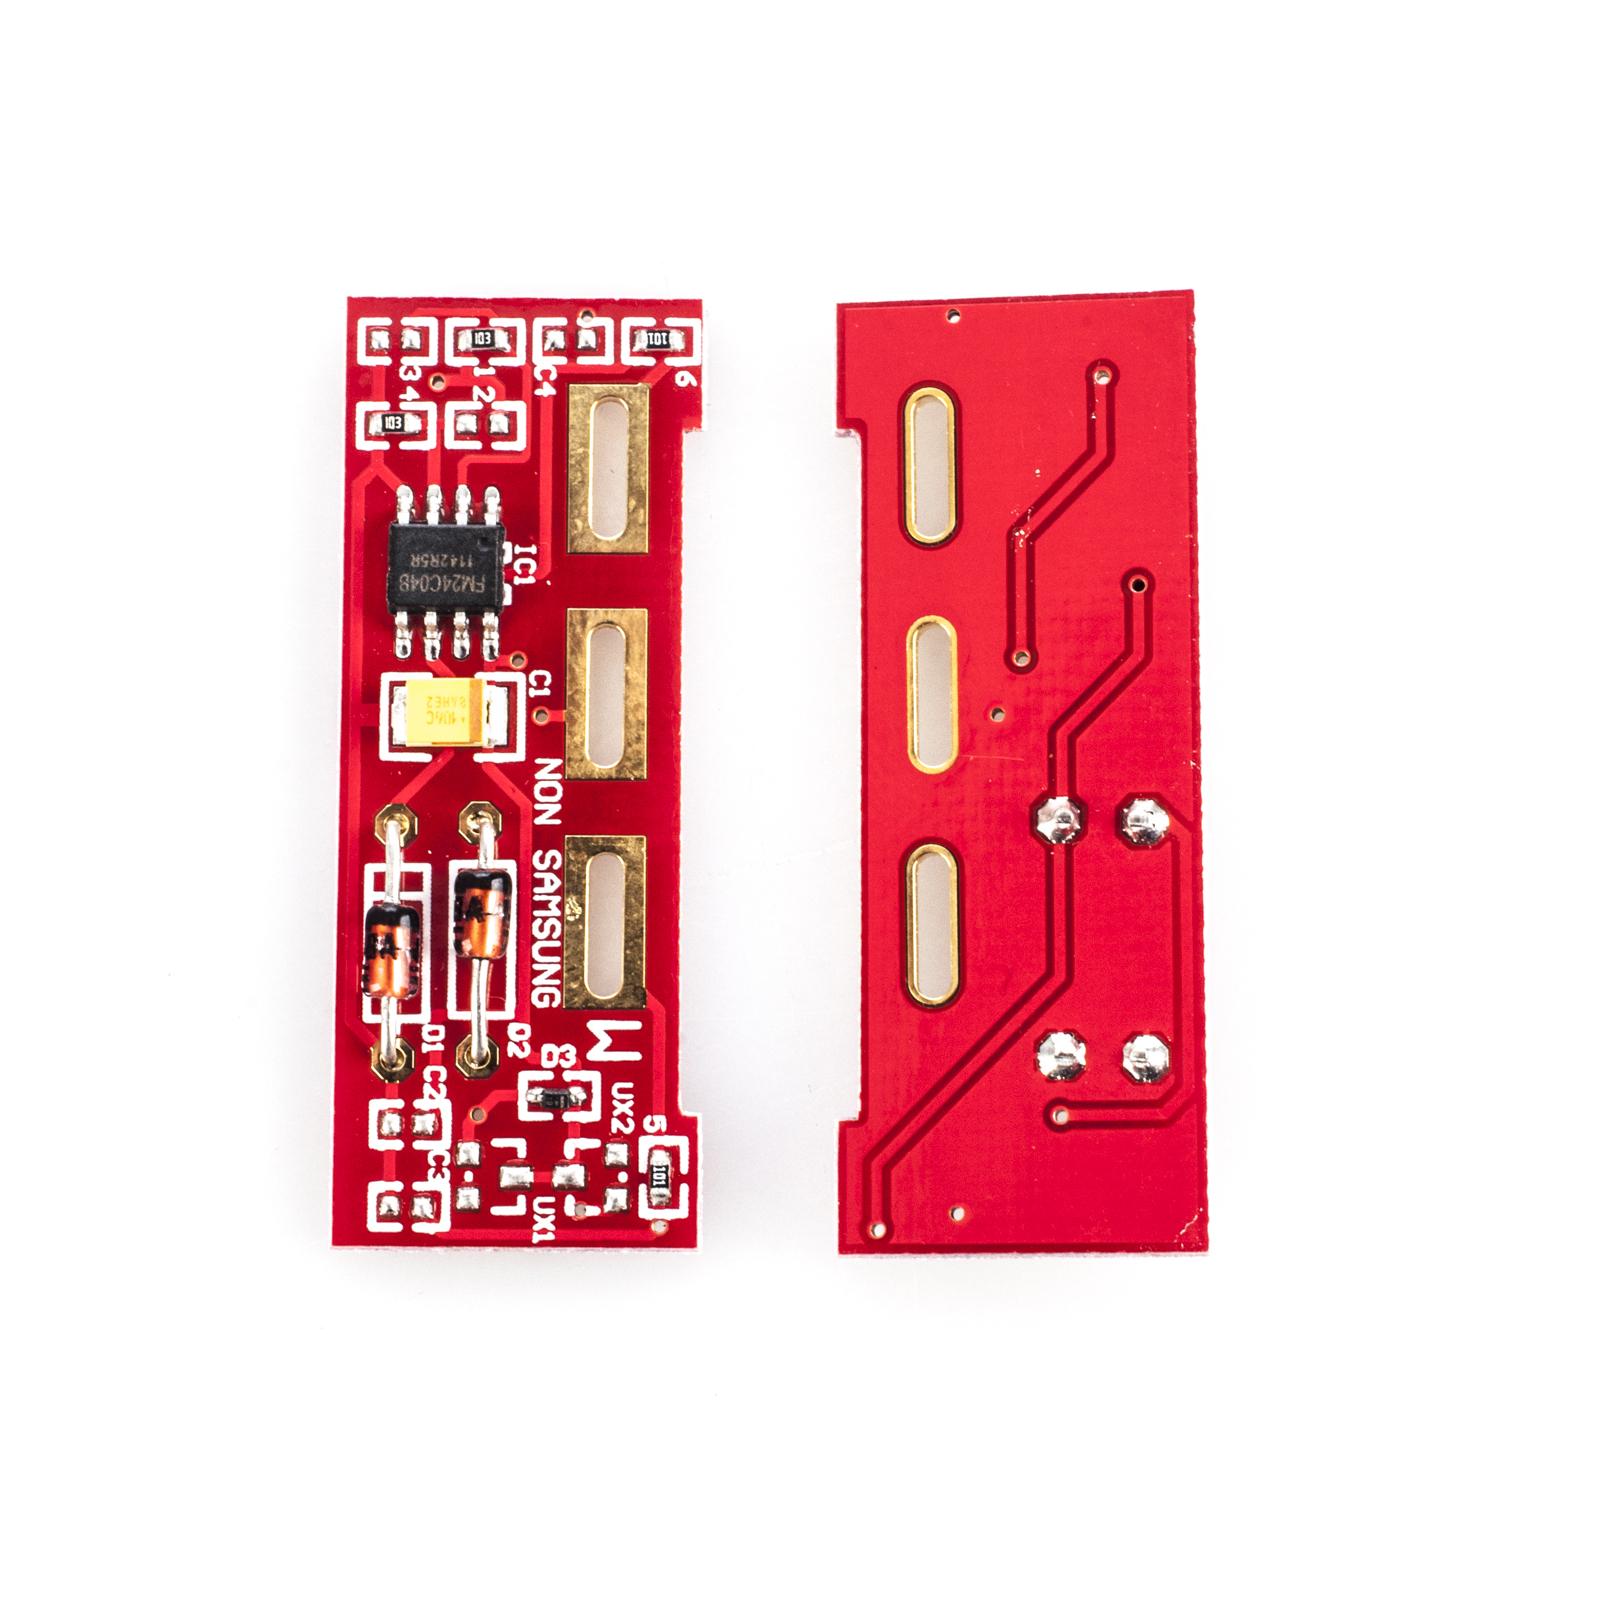 Чип для картриджа SAMSUNG CLP-510 MAGENTA Apex (ALS-M510-5K)